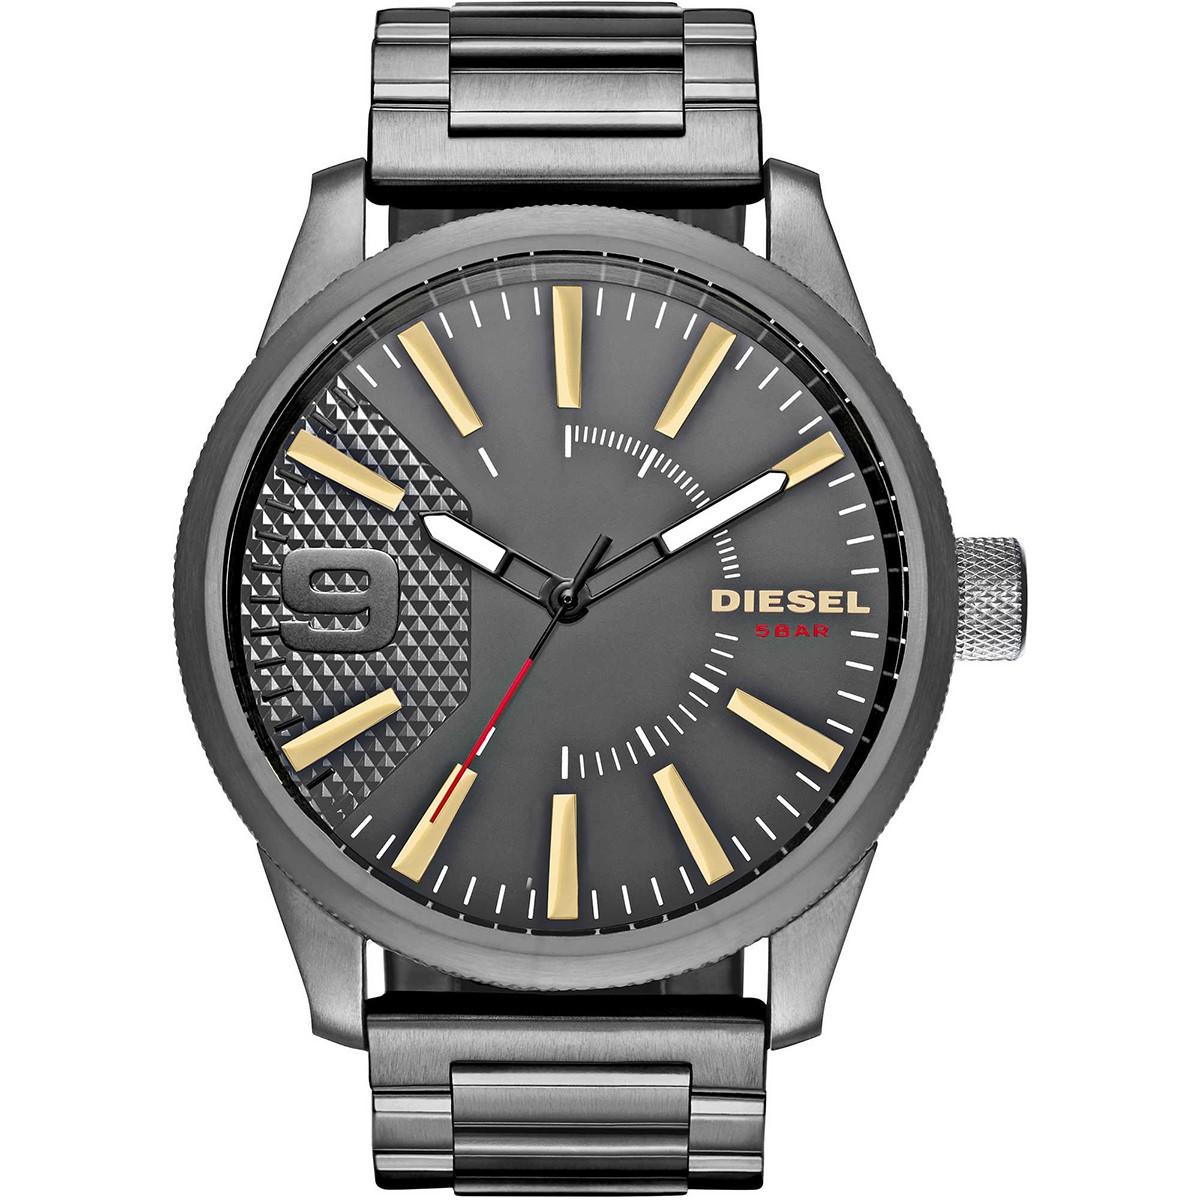 2a633a12d81 Compre Relógio Masculino Diesel Rasp em 10X